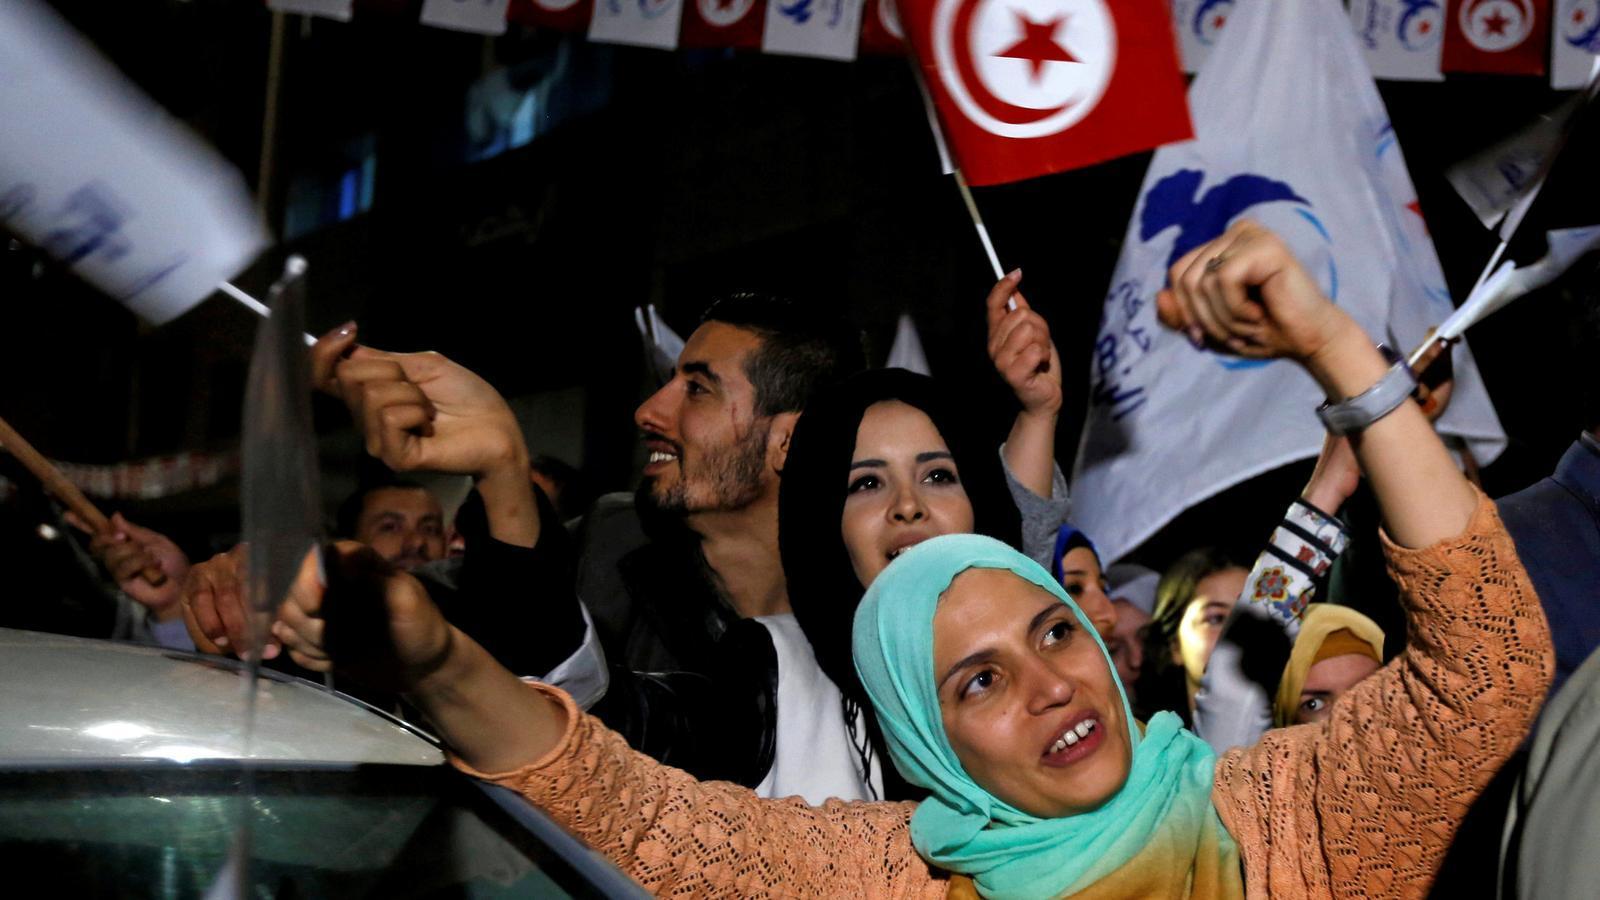 Els islamistes s'imposen en una Tunísia abstencionista